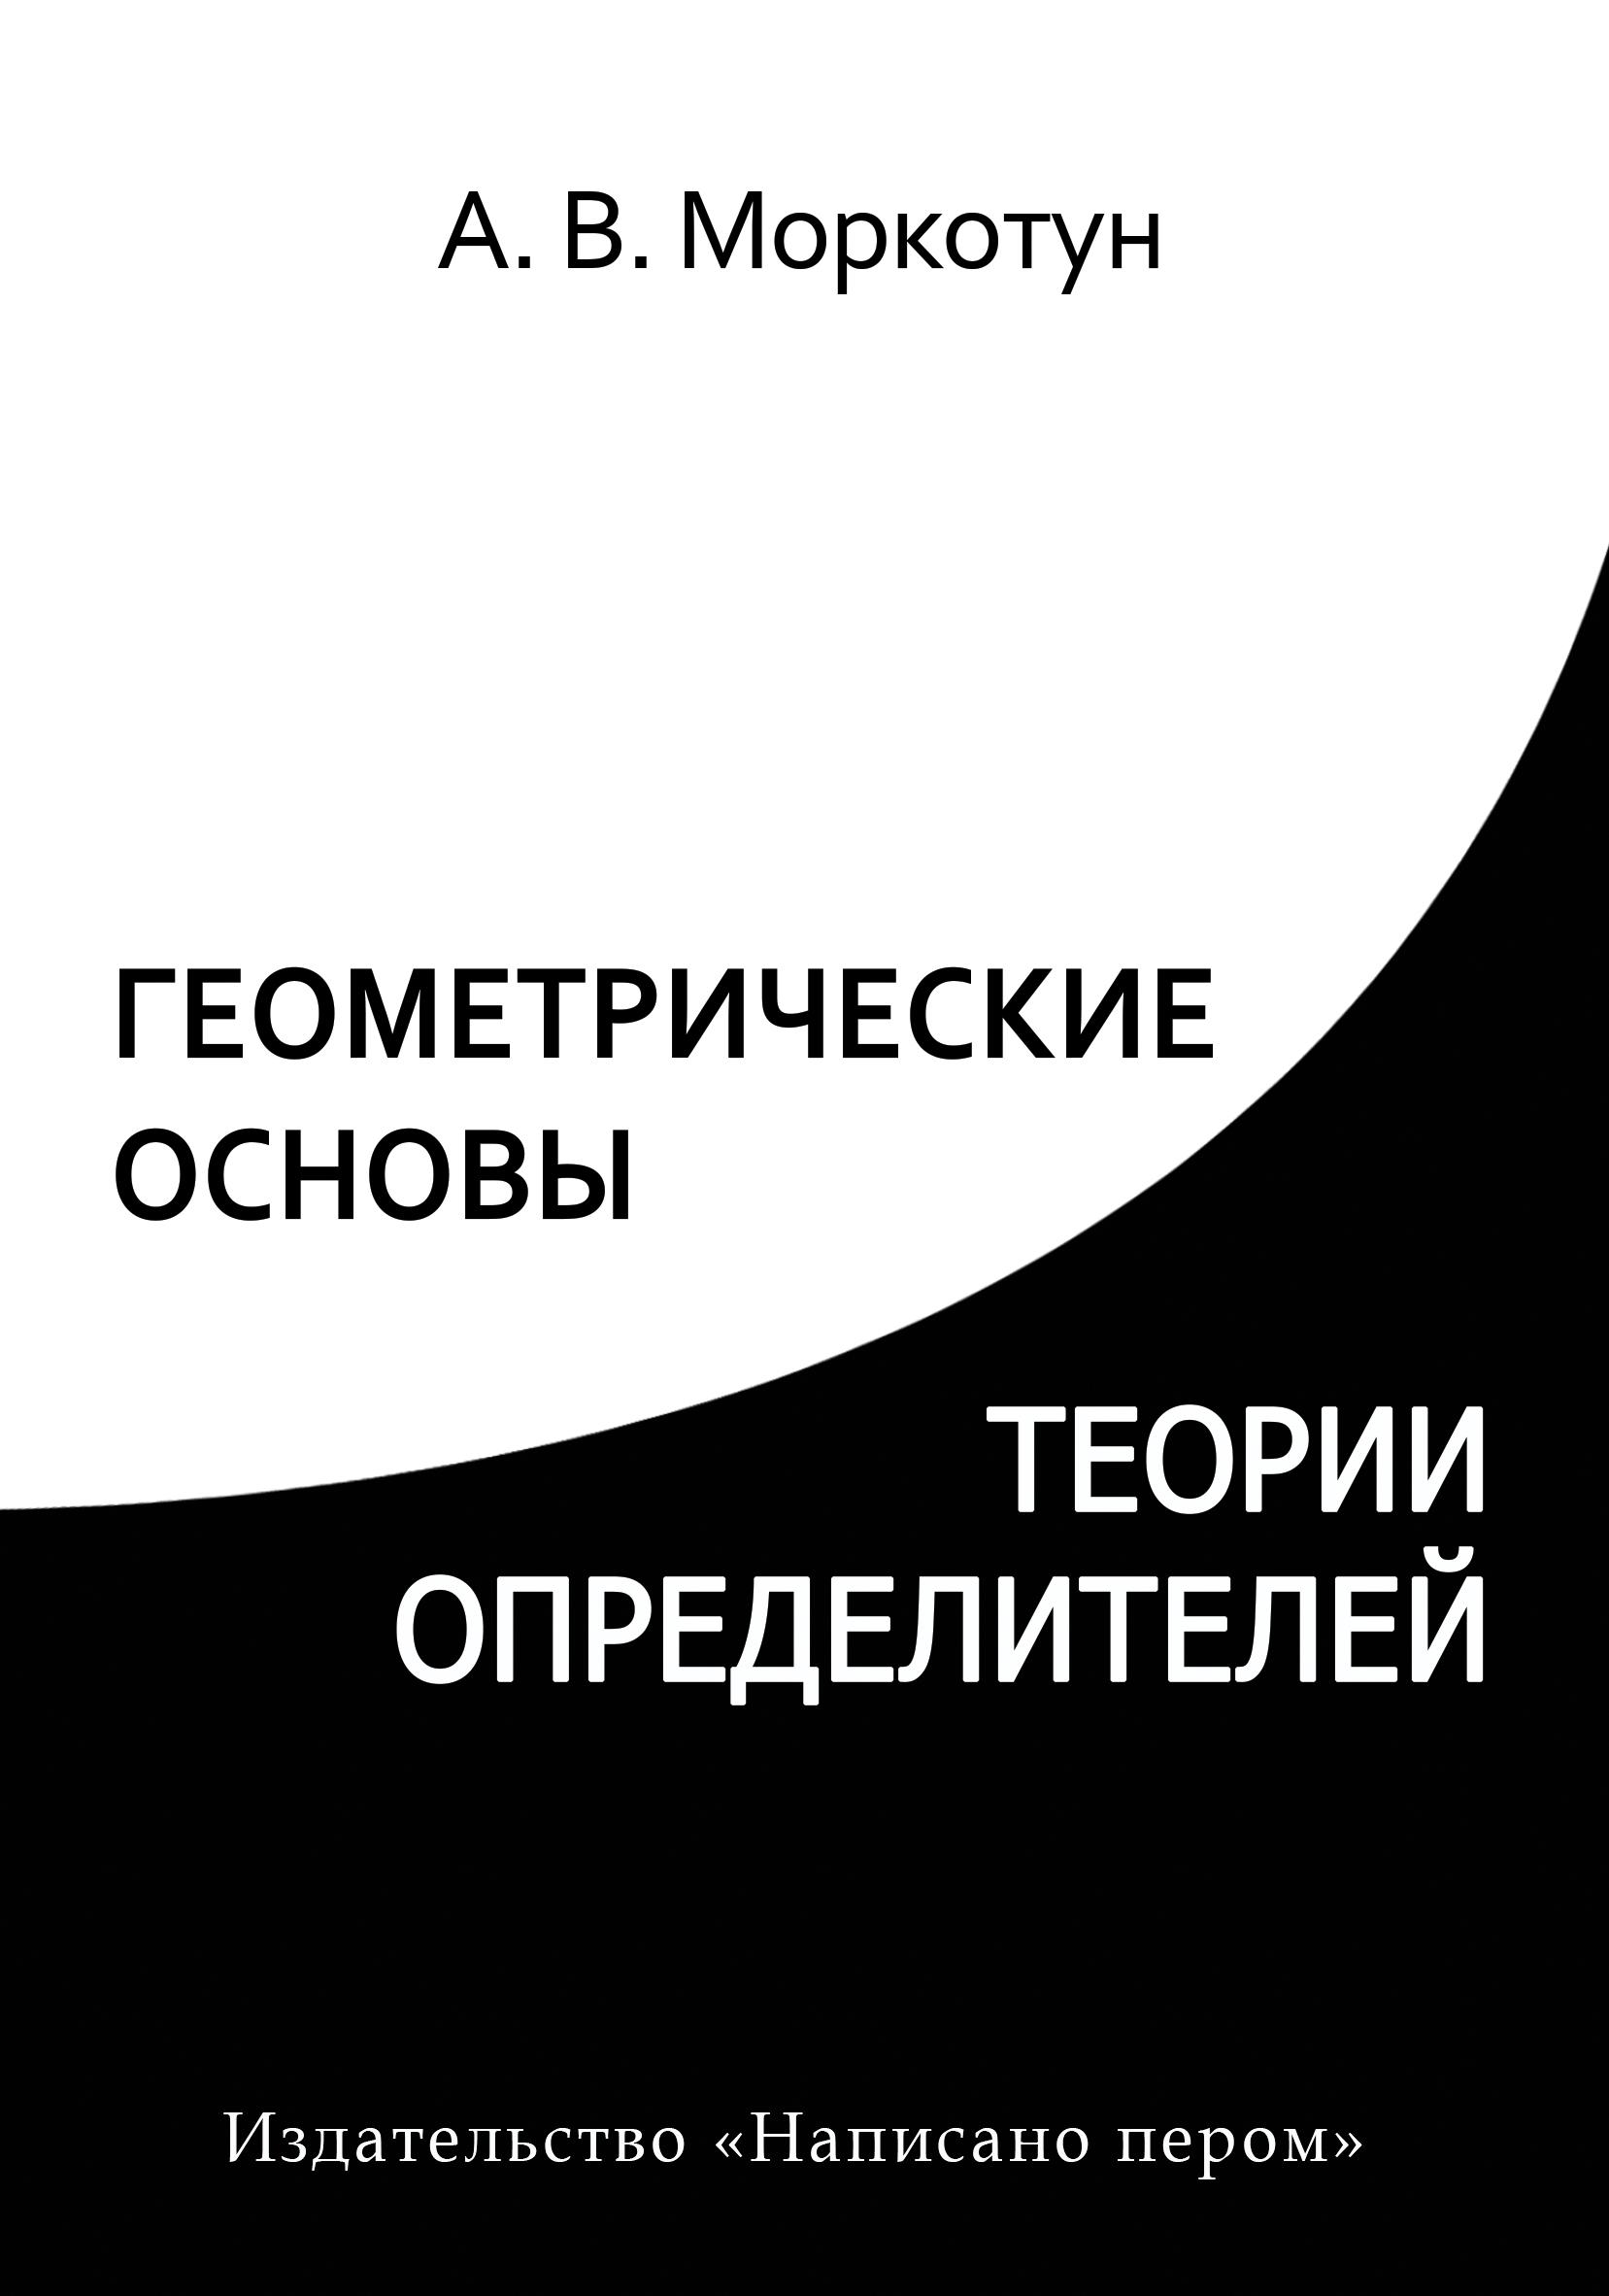 А. В. Моркотун Геометрические основы теории определителей б гнеденко а хинчин элементарное введение в теорию вероятностей